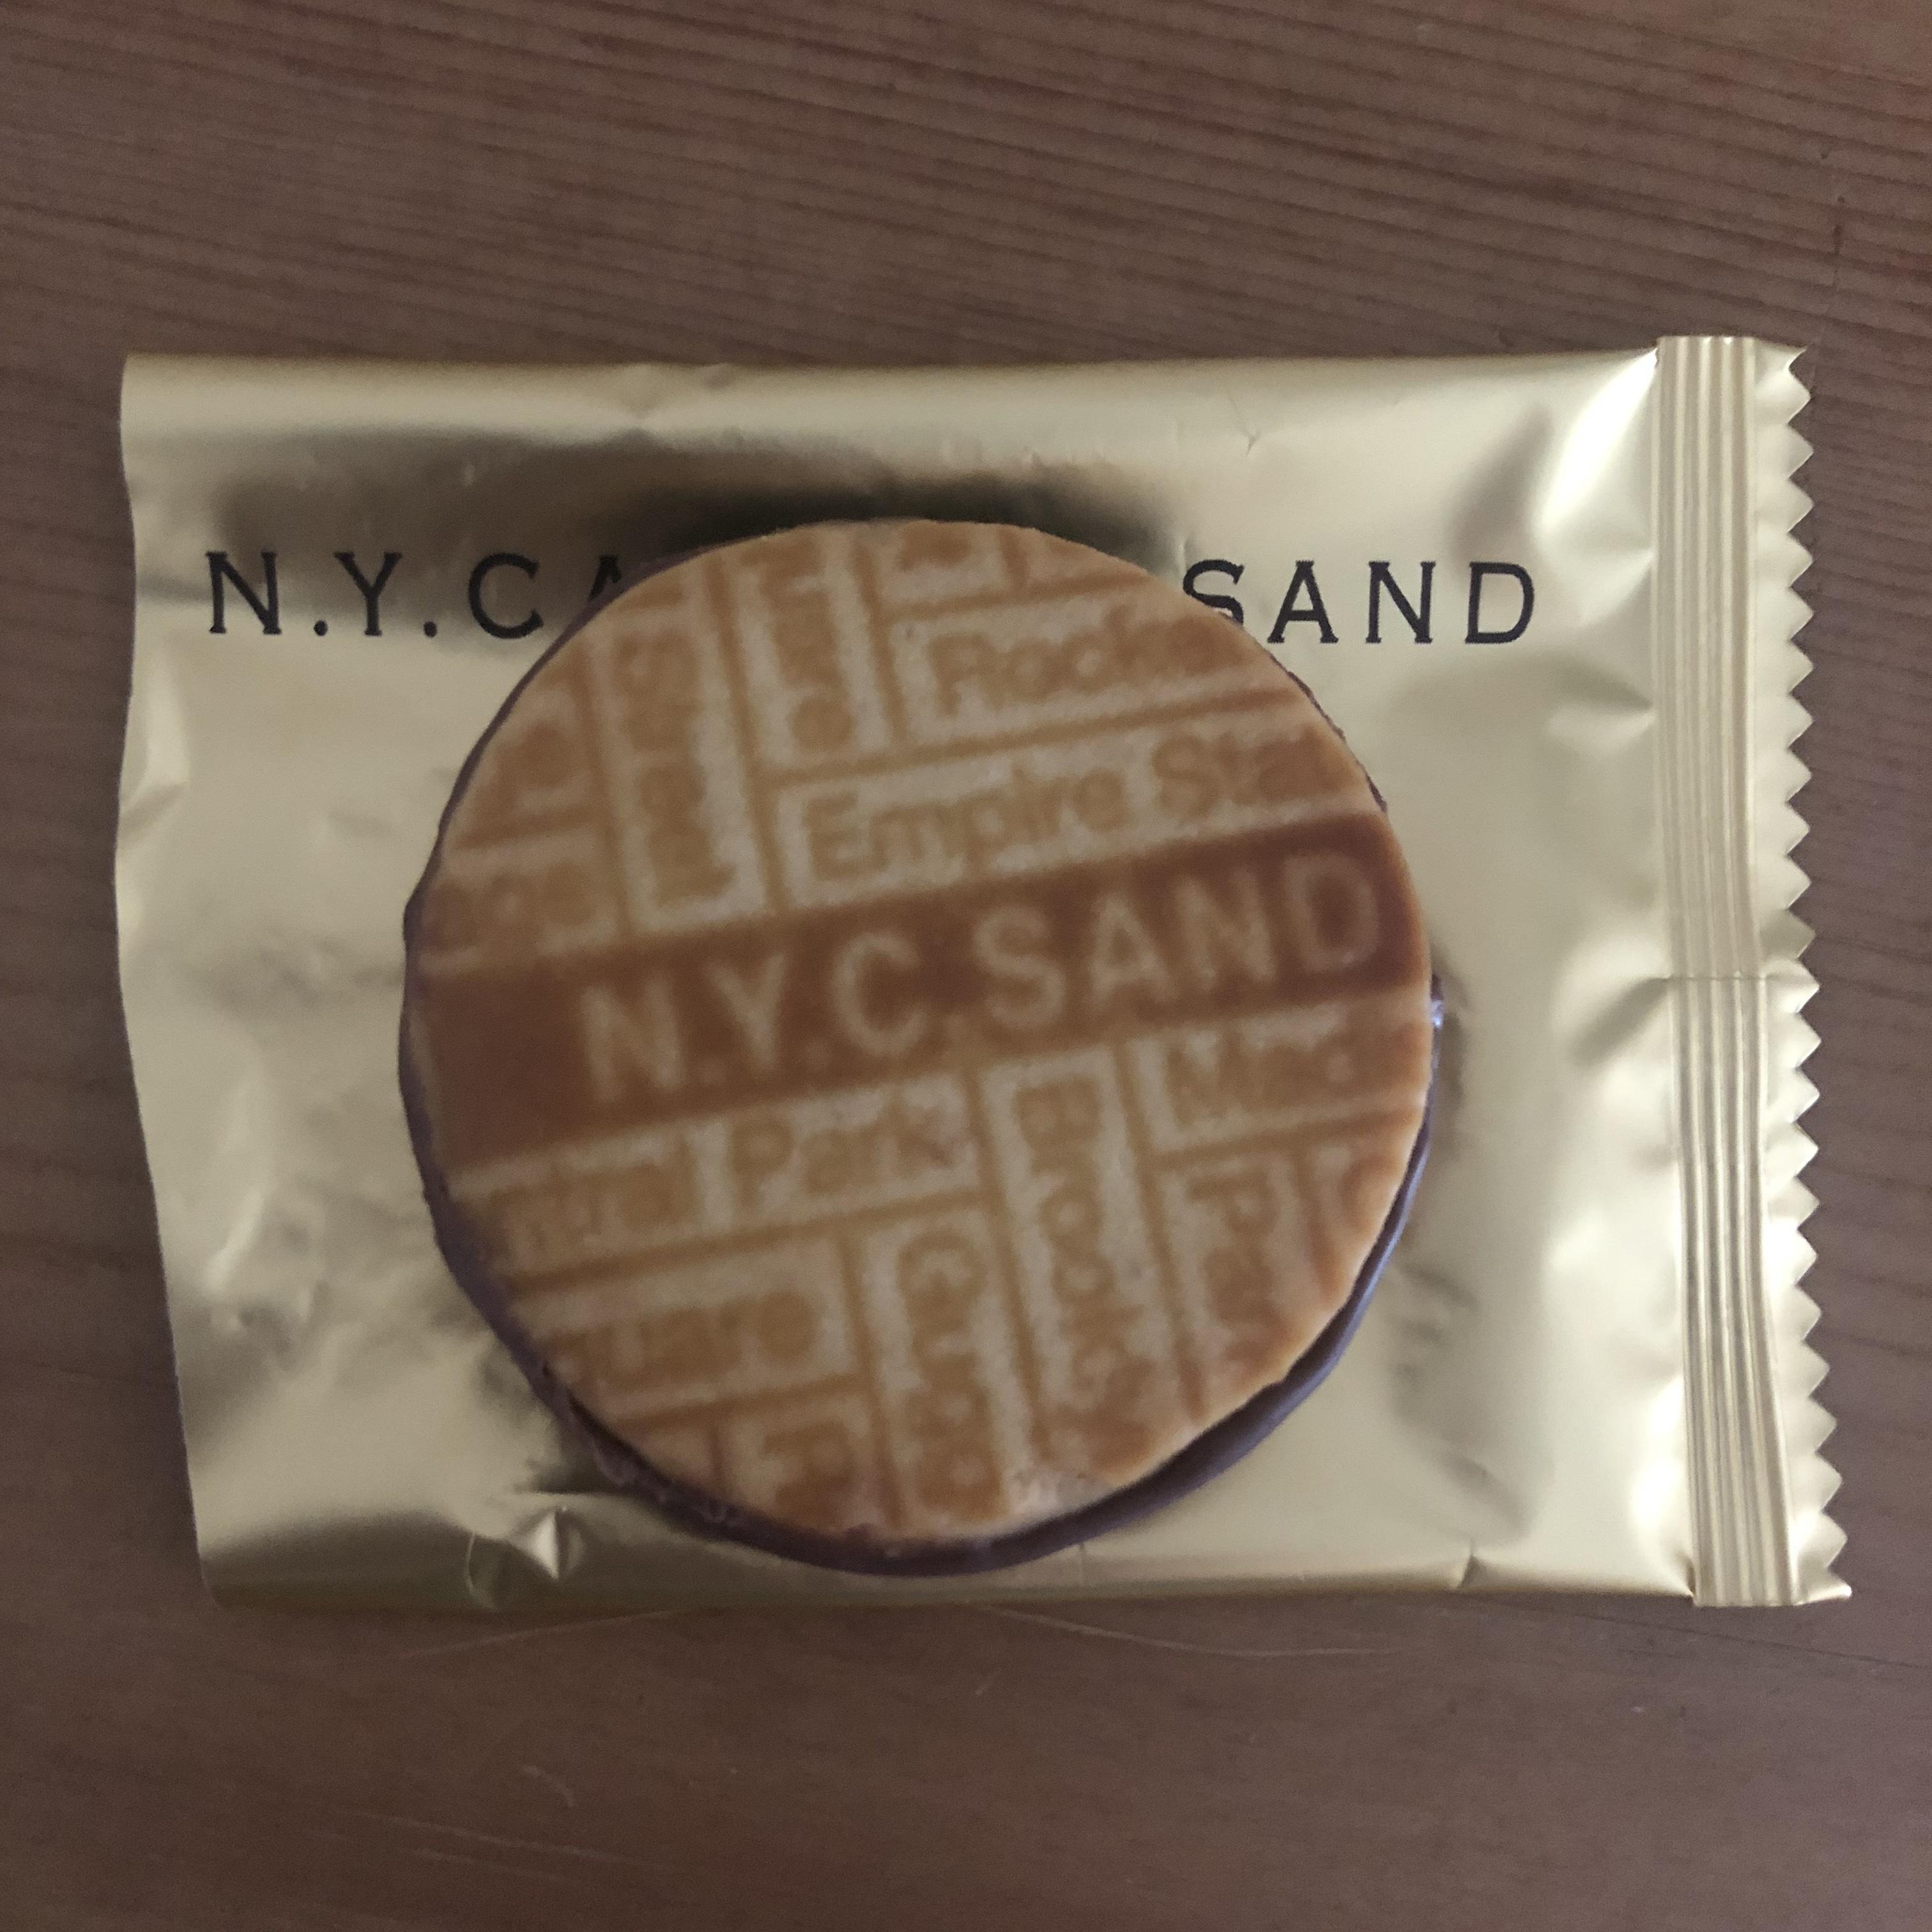 【羽田空港】大人気スイーツN.Y. CARAMEL SANDが美味しすぎる!_1_1-2